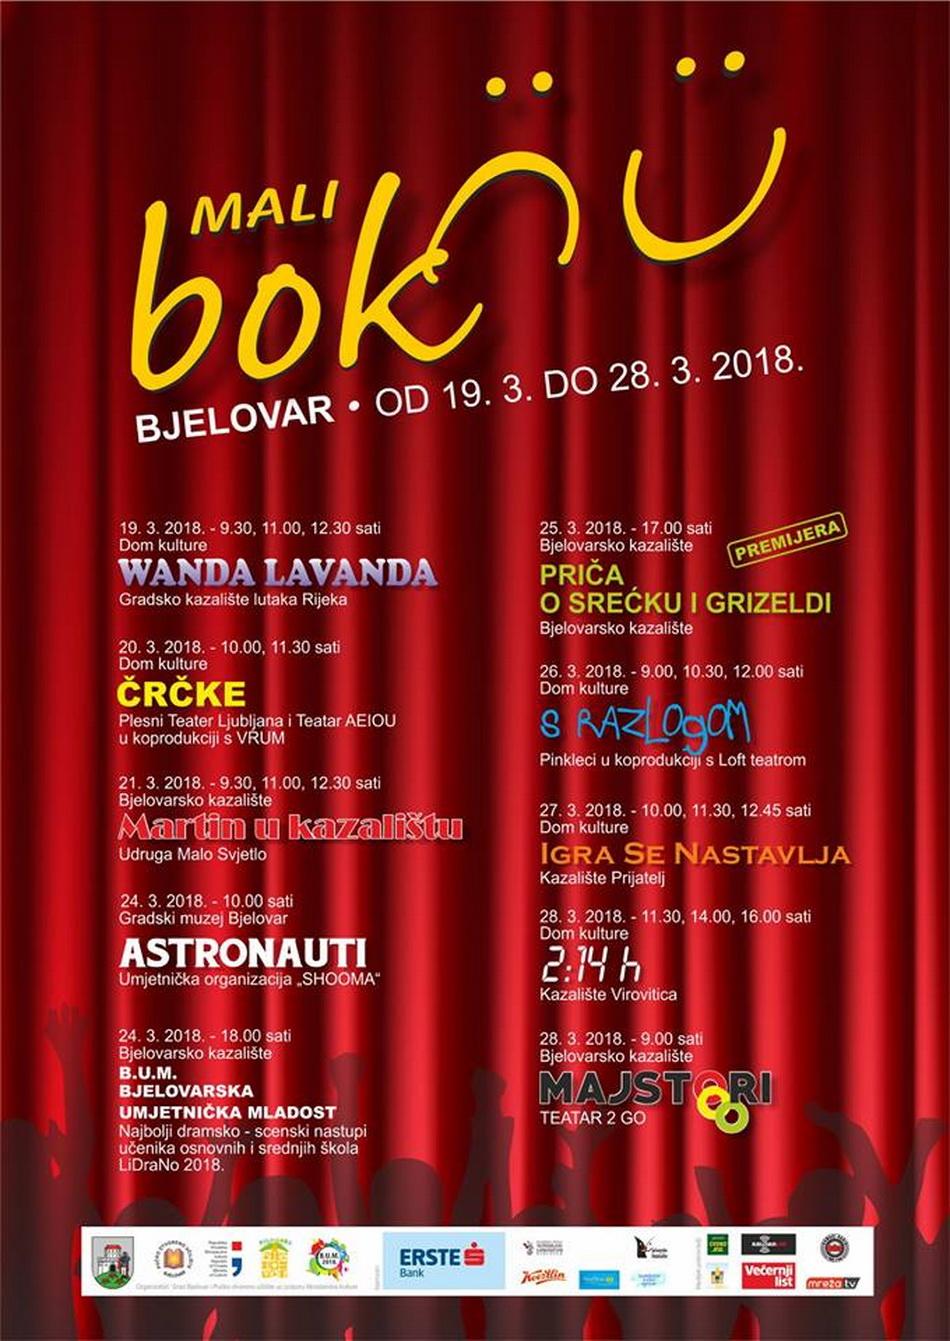 Priča o Srećku i Grizeldi u izvedbi Bjelovarskog kazališta – premijera na Malom BOK-u!